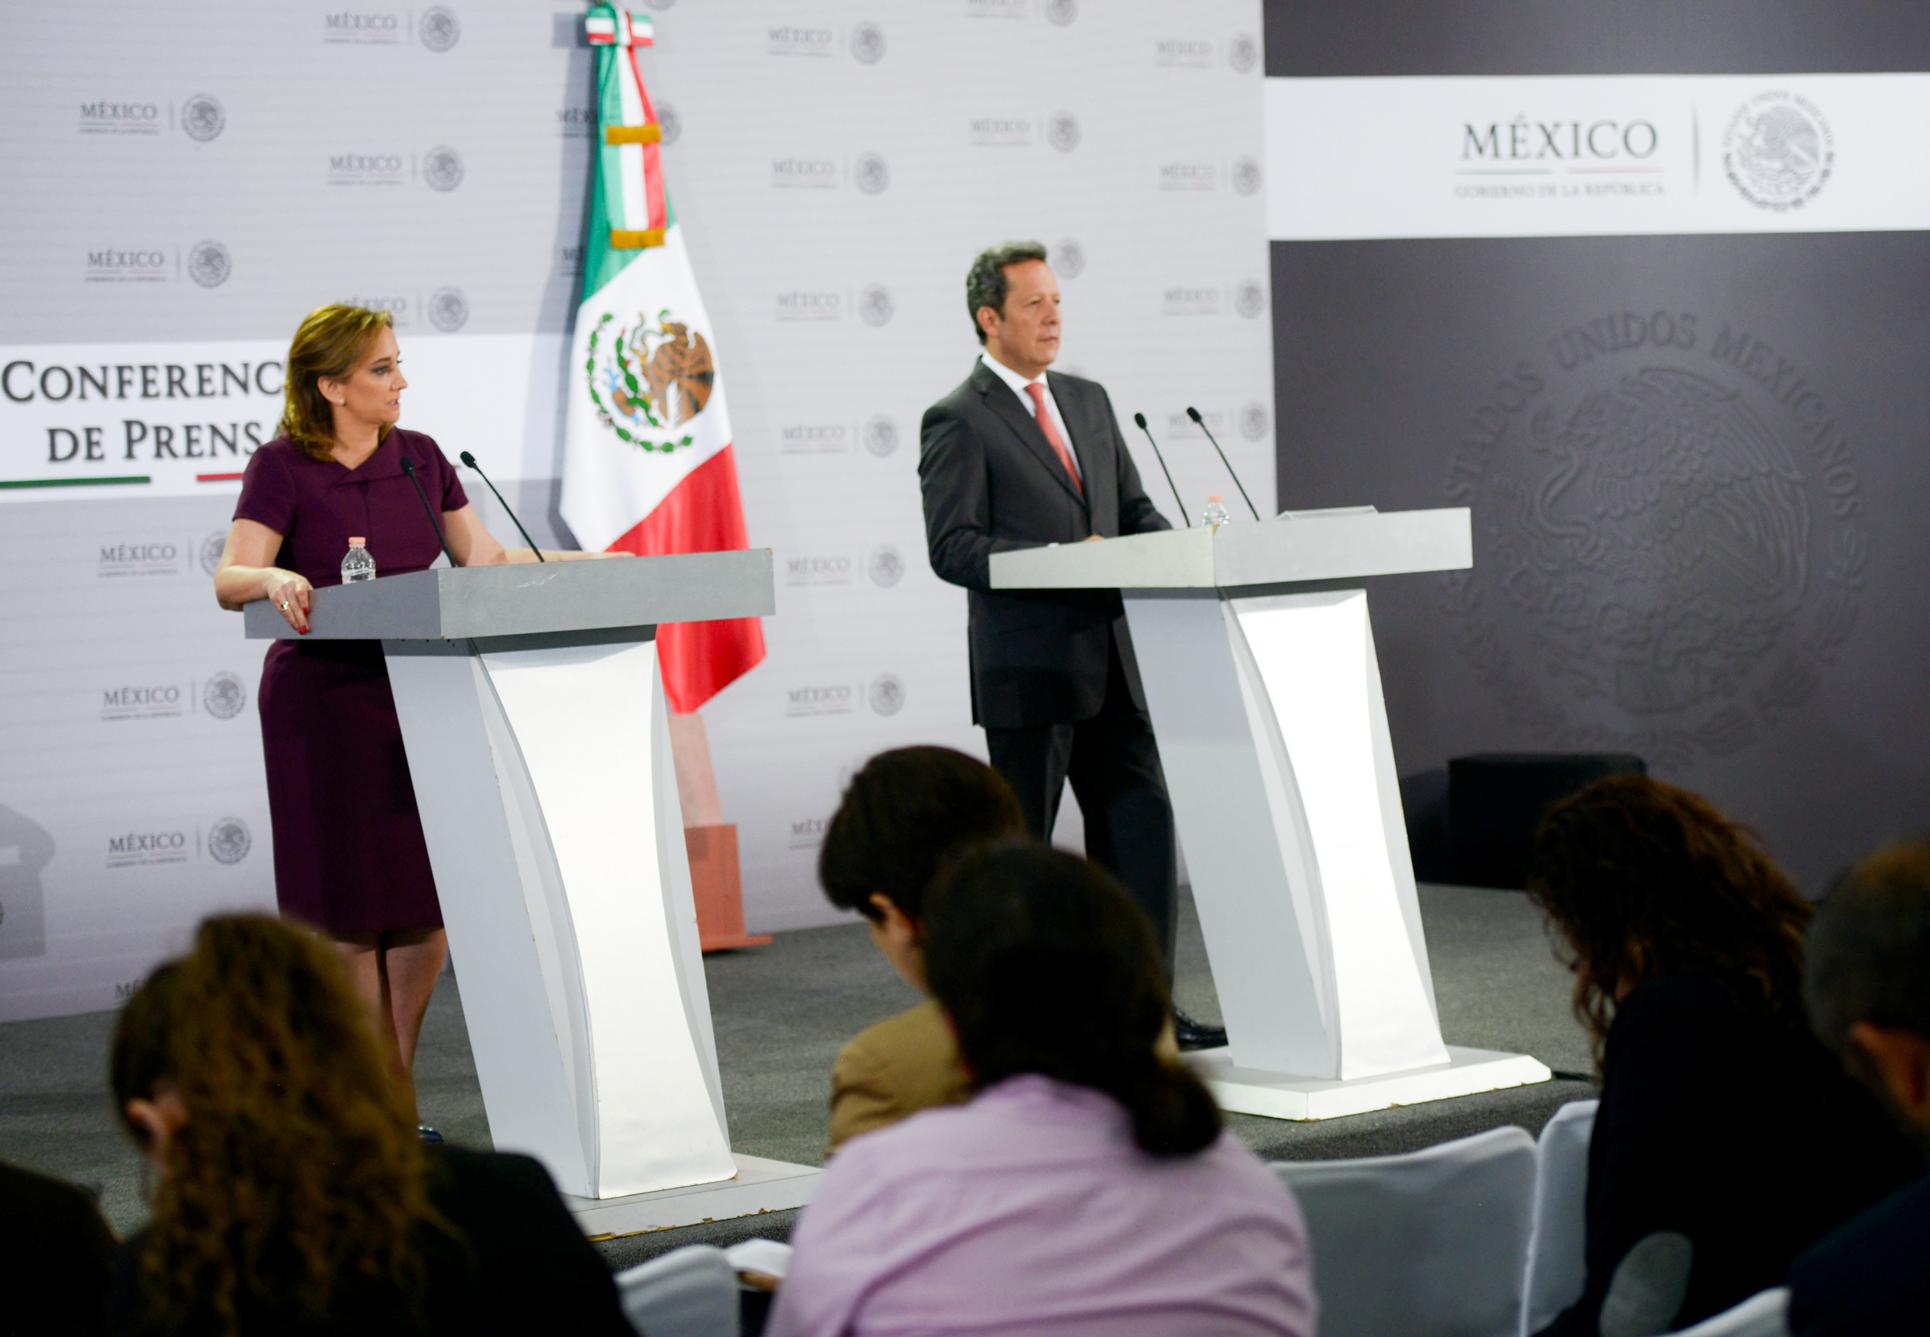 Eduardo Sánchez Hernández y la Canciller Claudia Ruiz Massieu, en Conferencia de Prensa, en la Residencia Oficial de Los Pinos.